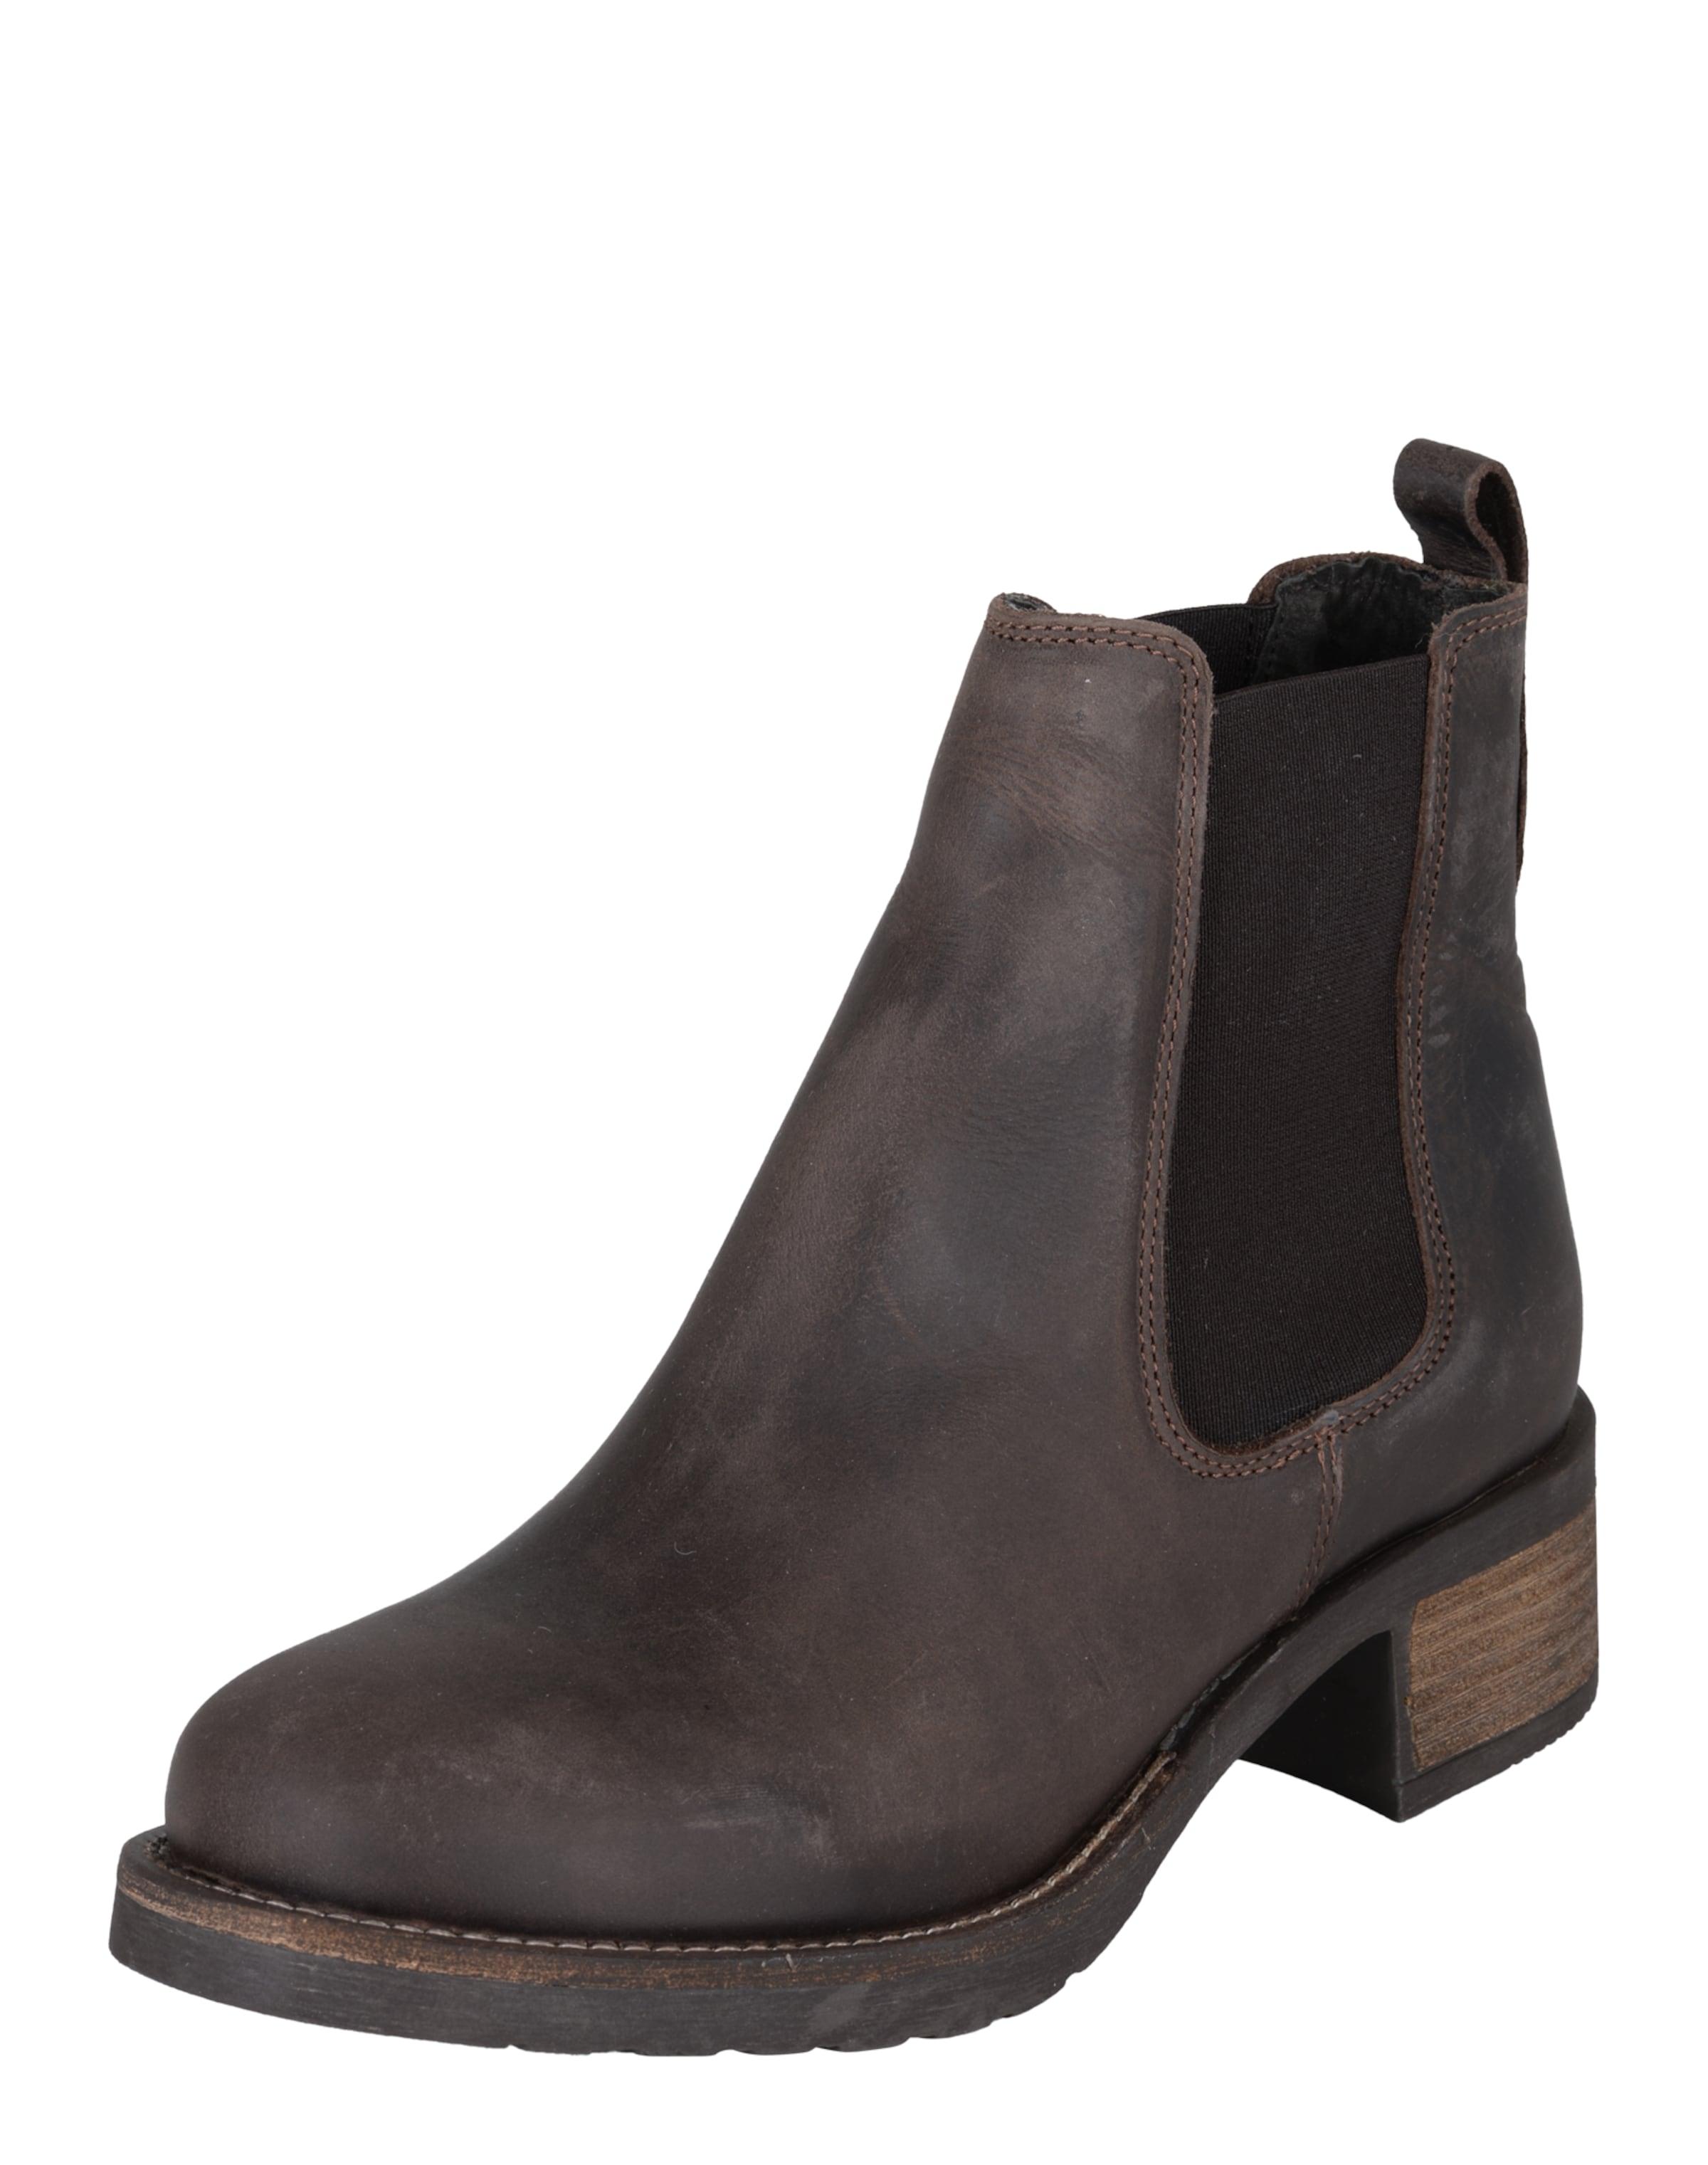 Haltbare Mode billige Schuhe PAVEMENT | Chelsea-Boots Schuhe 'Christina' Schuhe Gut getragene Schuhe Chelsea-Boots afd458